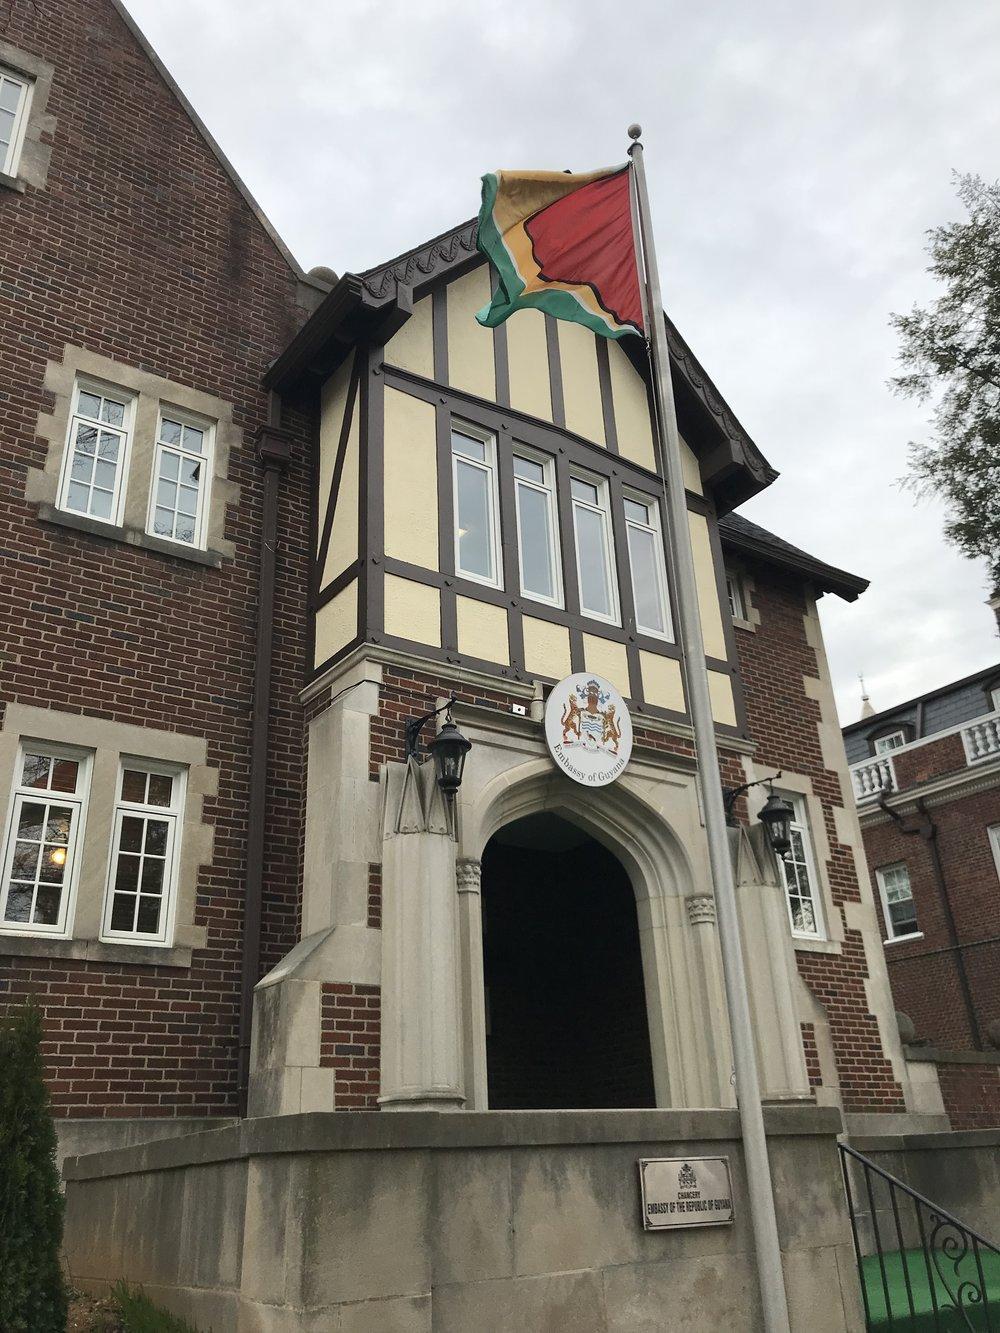 The Embassy of Guyana.